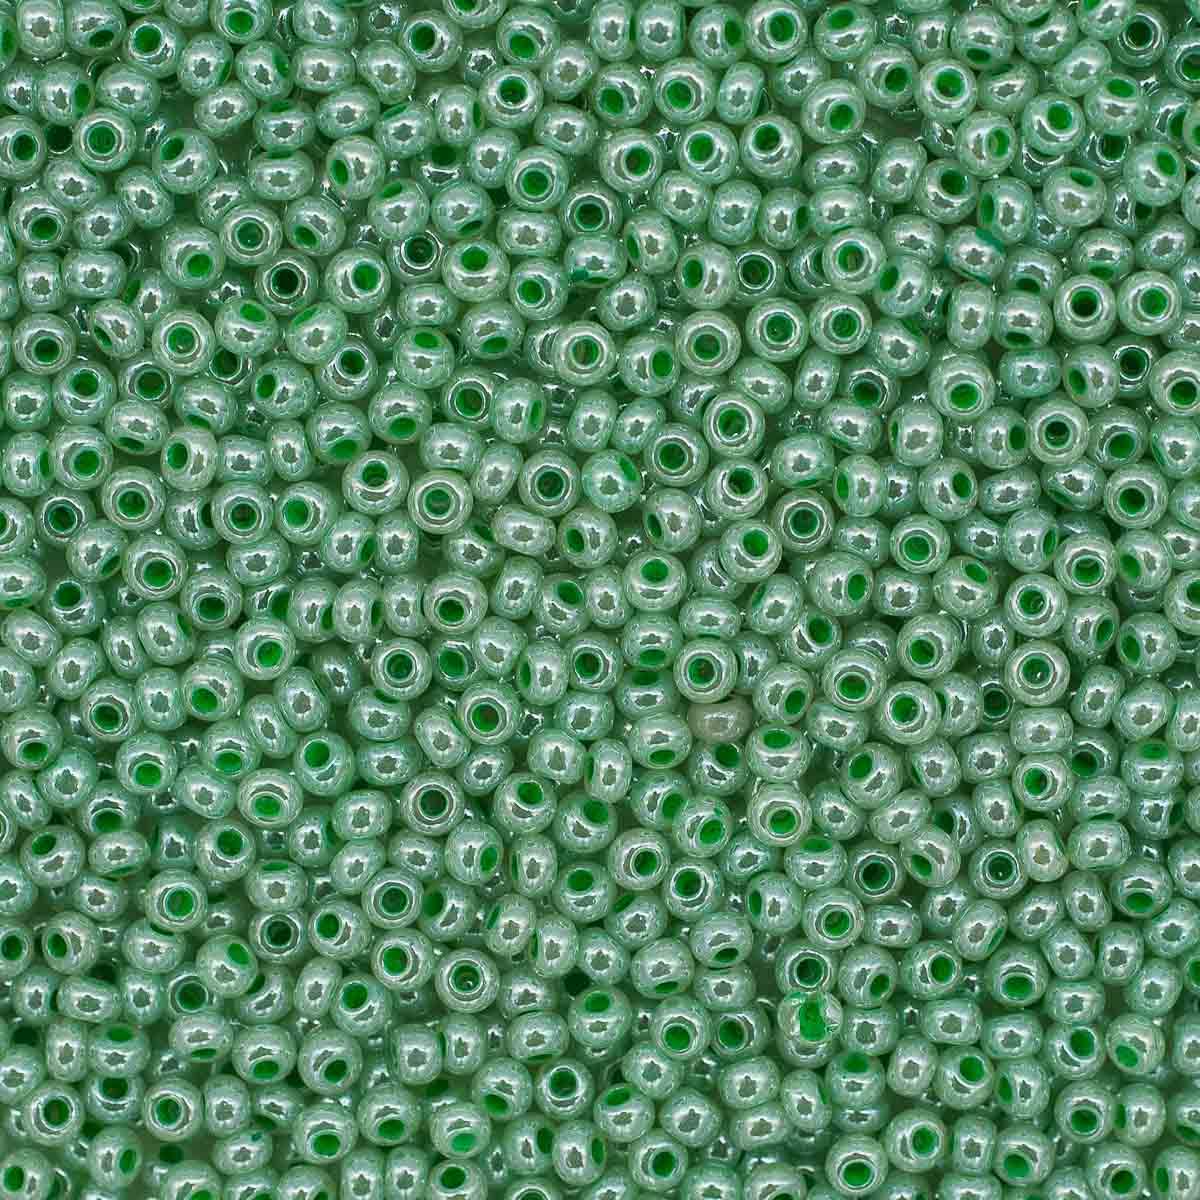 (37356) 331-19001-10/0 Бисер алебастр с блест.покрытием и цв.центром 10/0, круг.отв., 20гр Preciosa